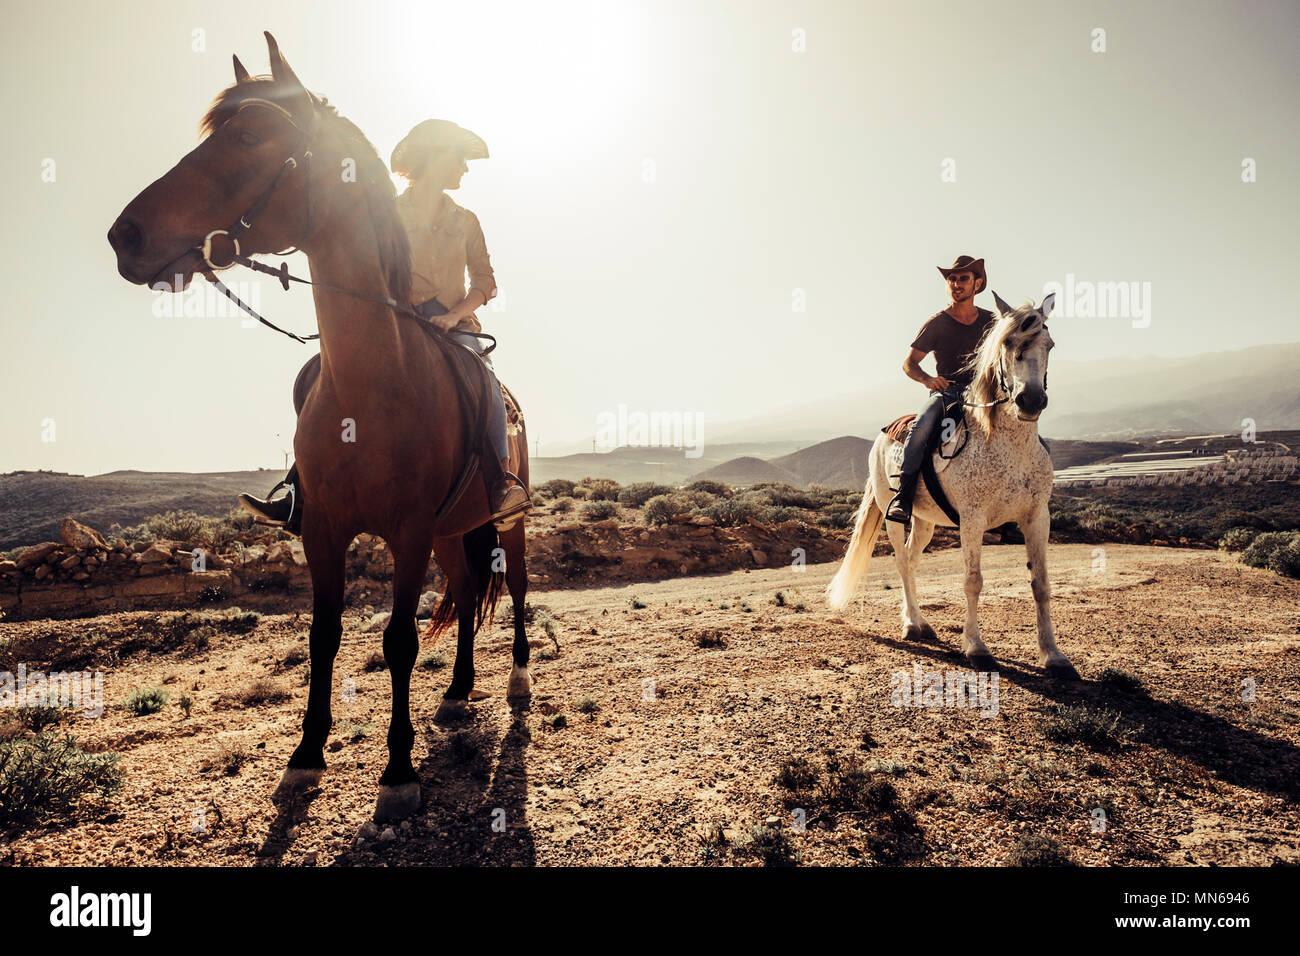 Paar Pferde und Cowboys männlichen und weiblichen freie Fahrt in die Natur in den Bergen von Teneriffa. Lifestyle und alternative arbeiten oder Freizeitaktivitäten Aktivität Stockbild